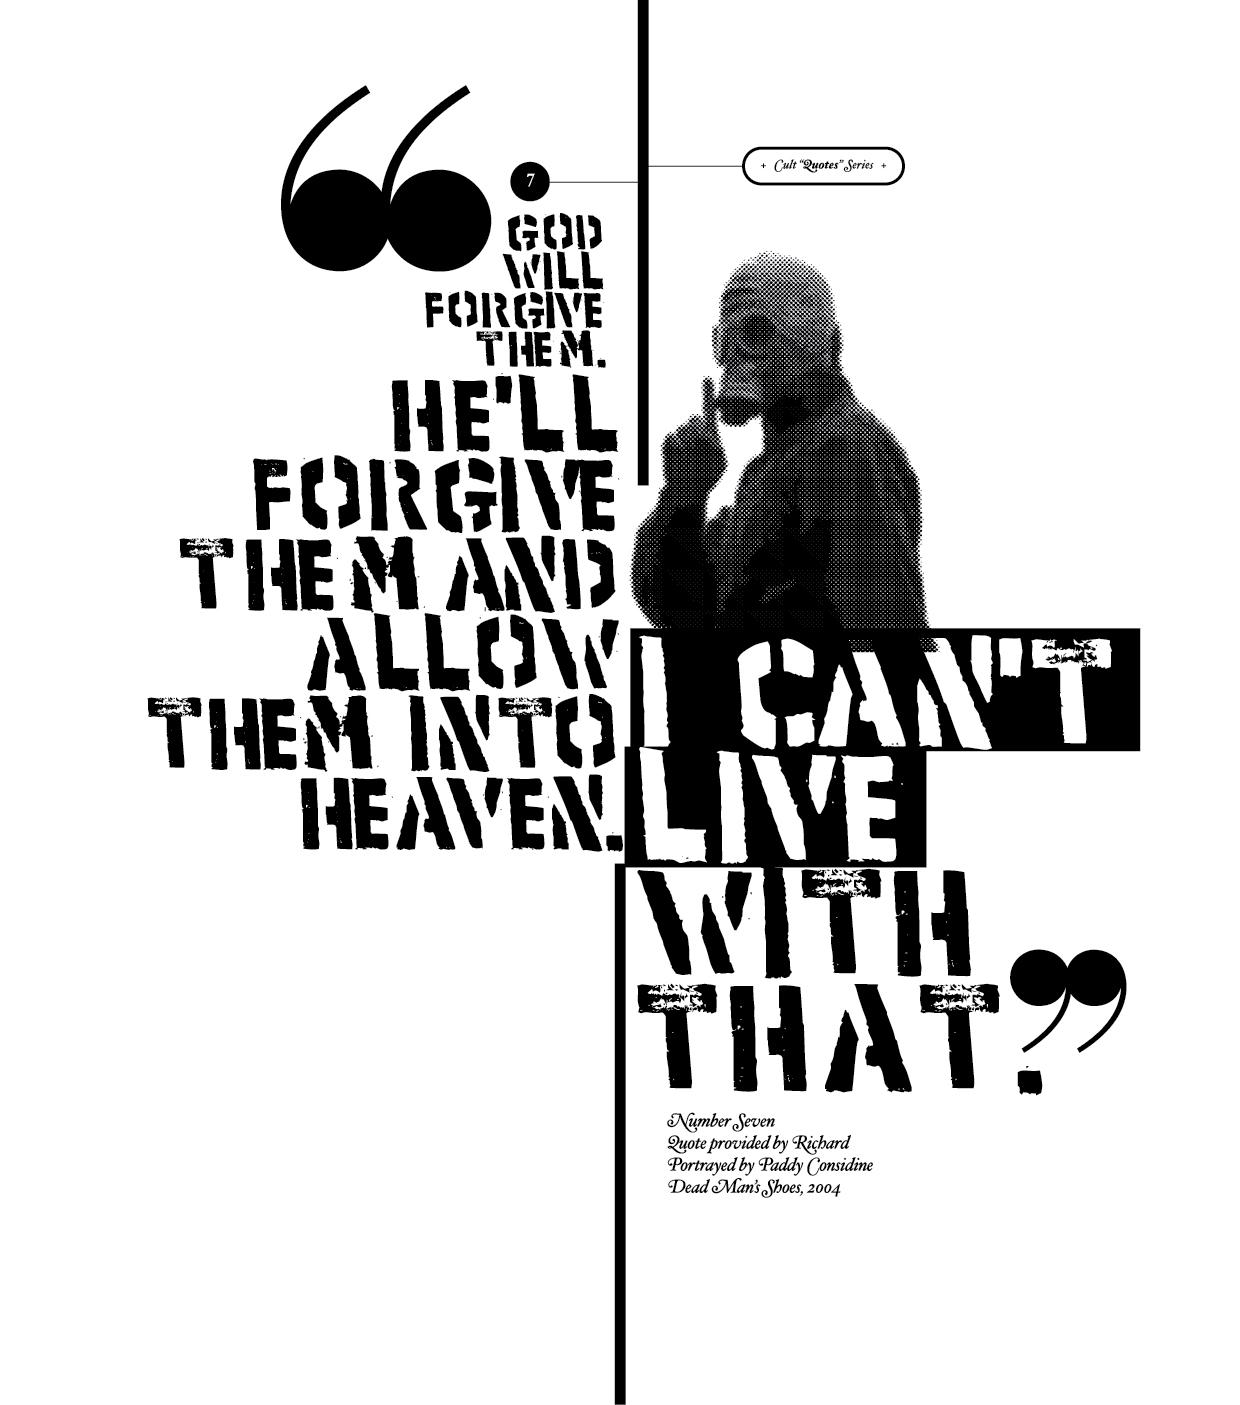 Cult quote #5